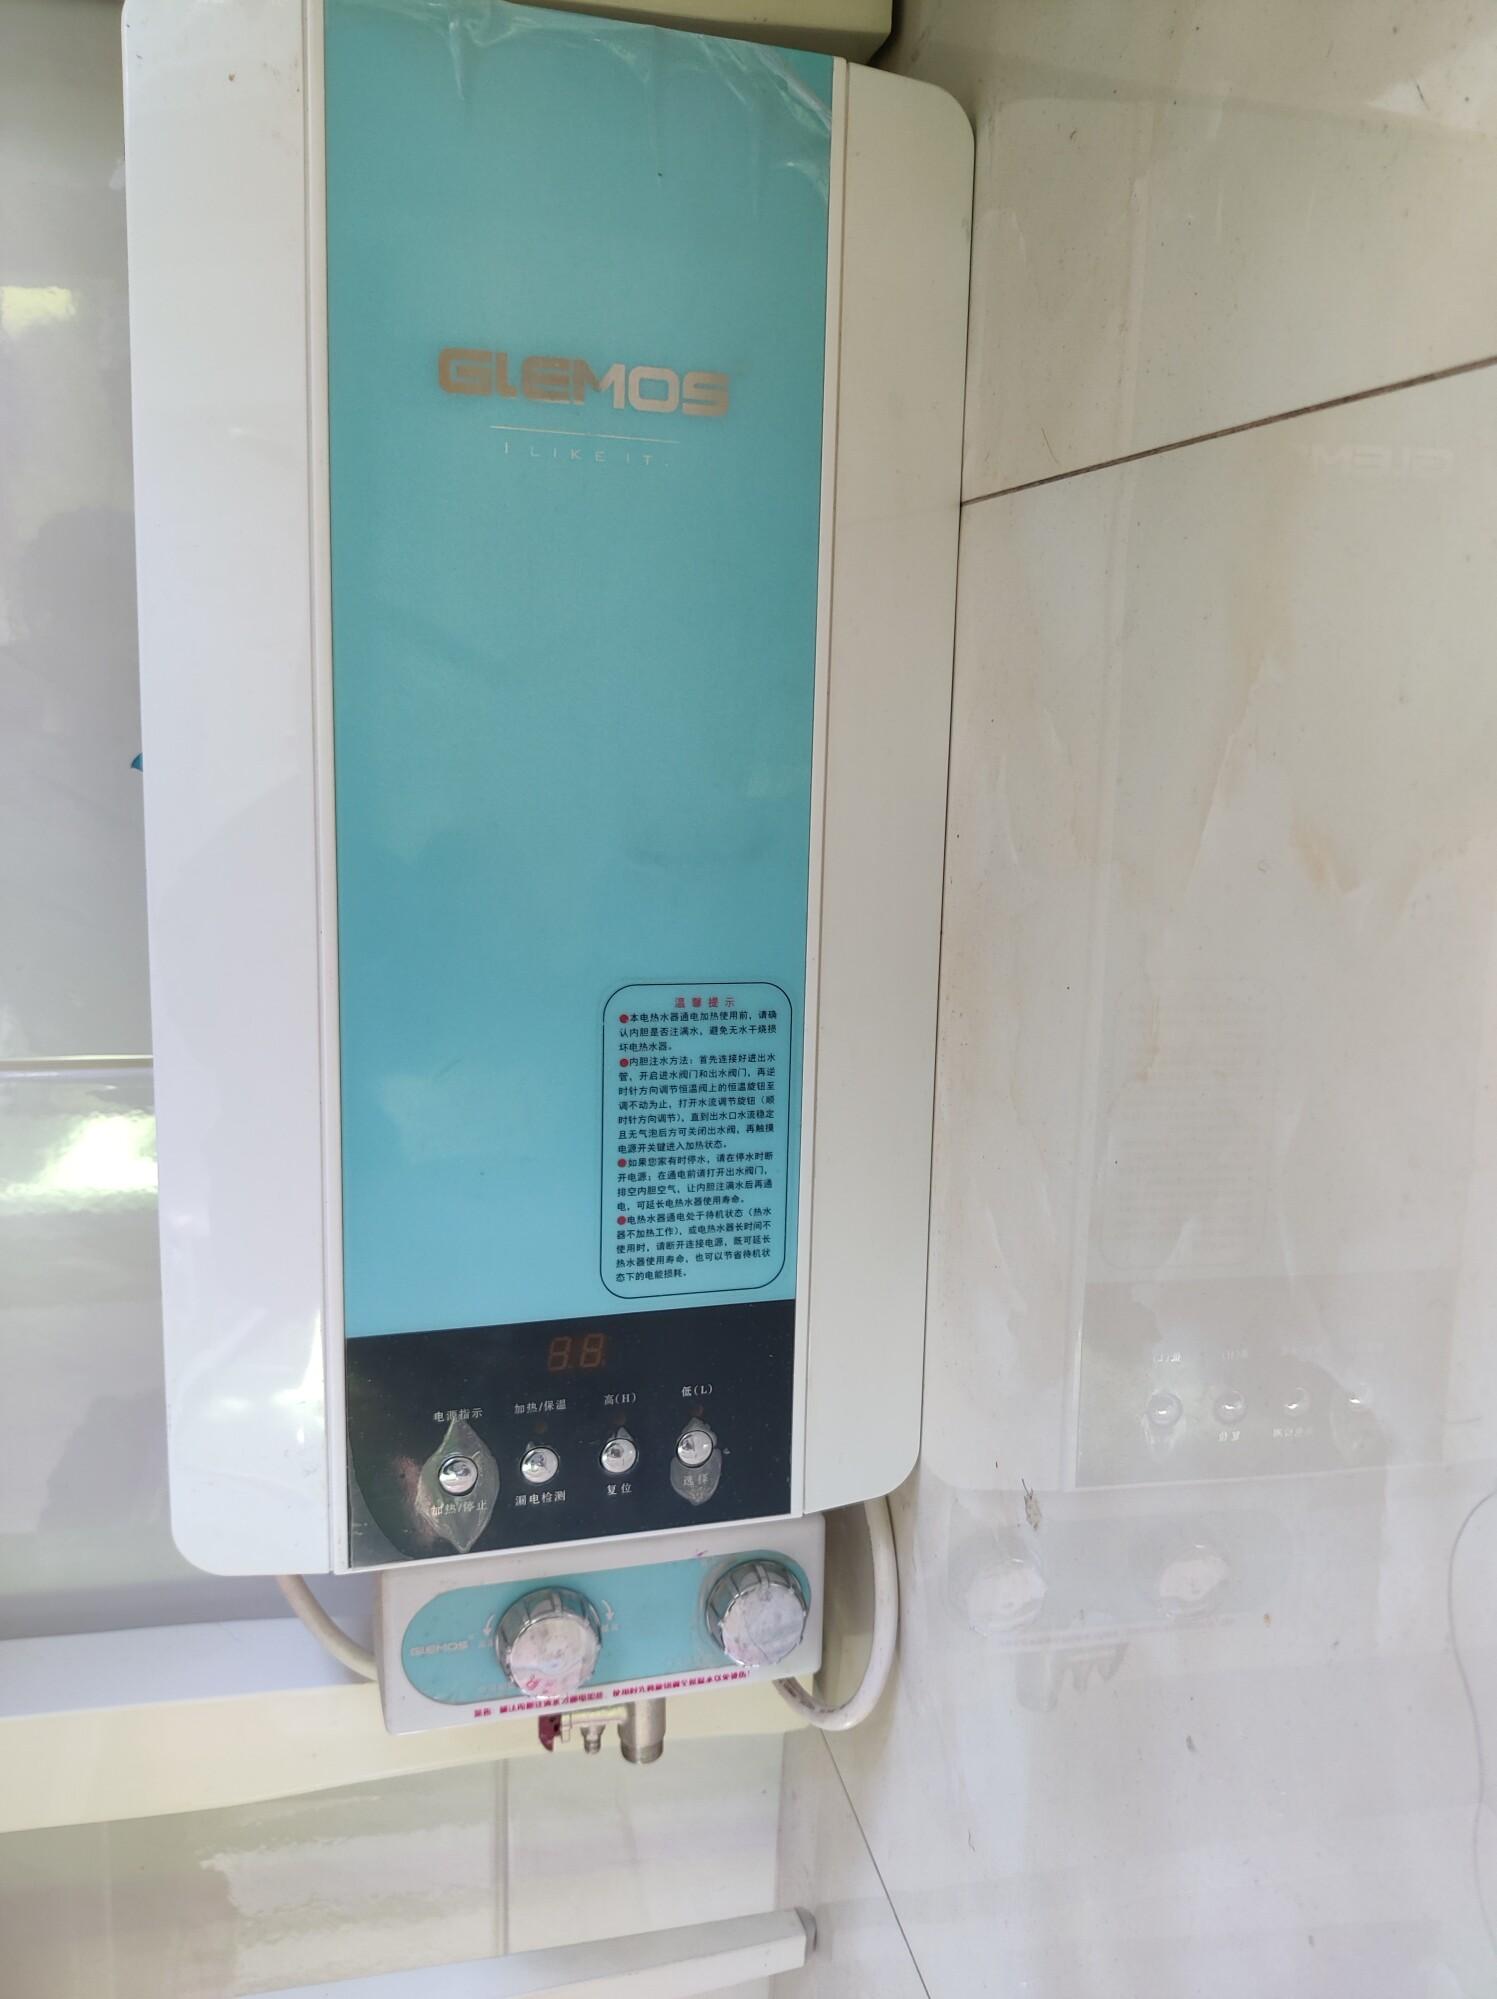 格林姆斯热水器半储水速热热水器